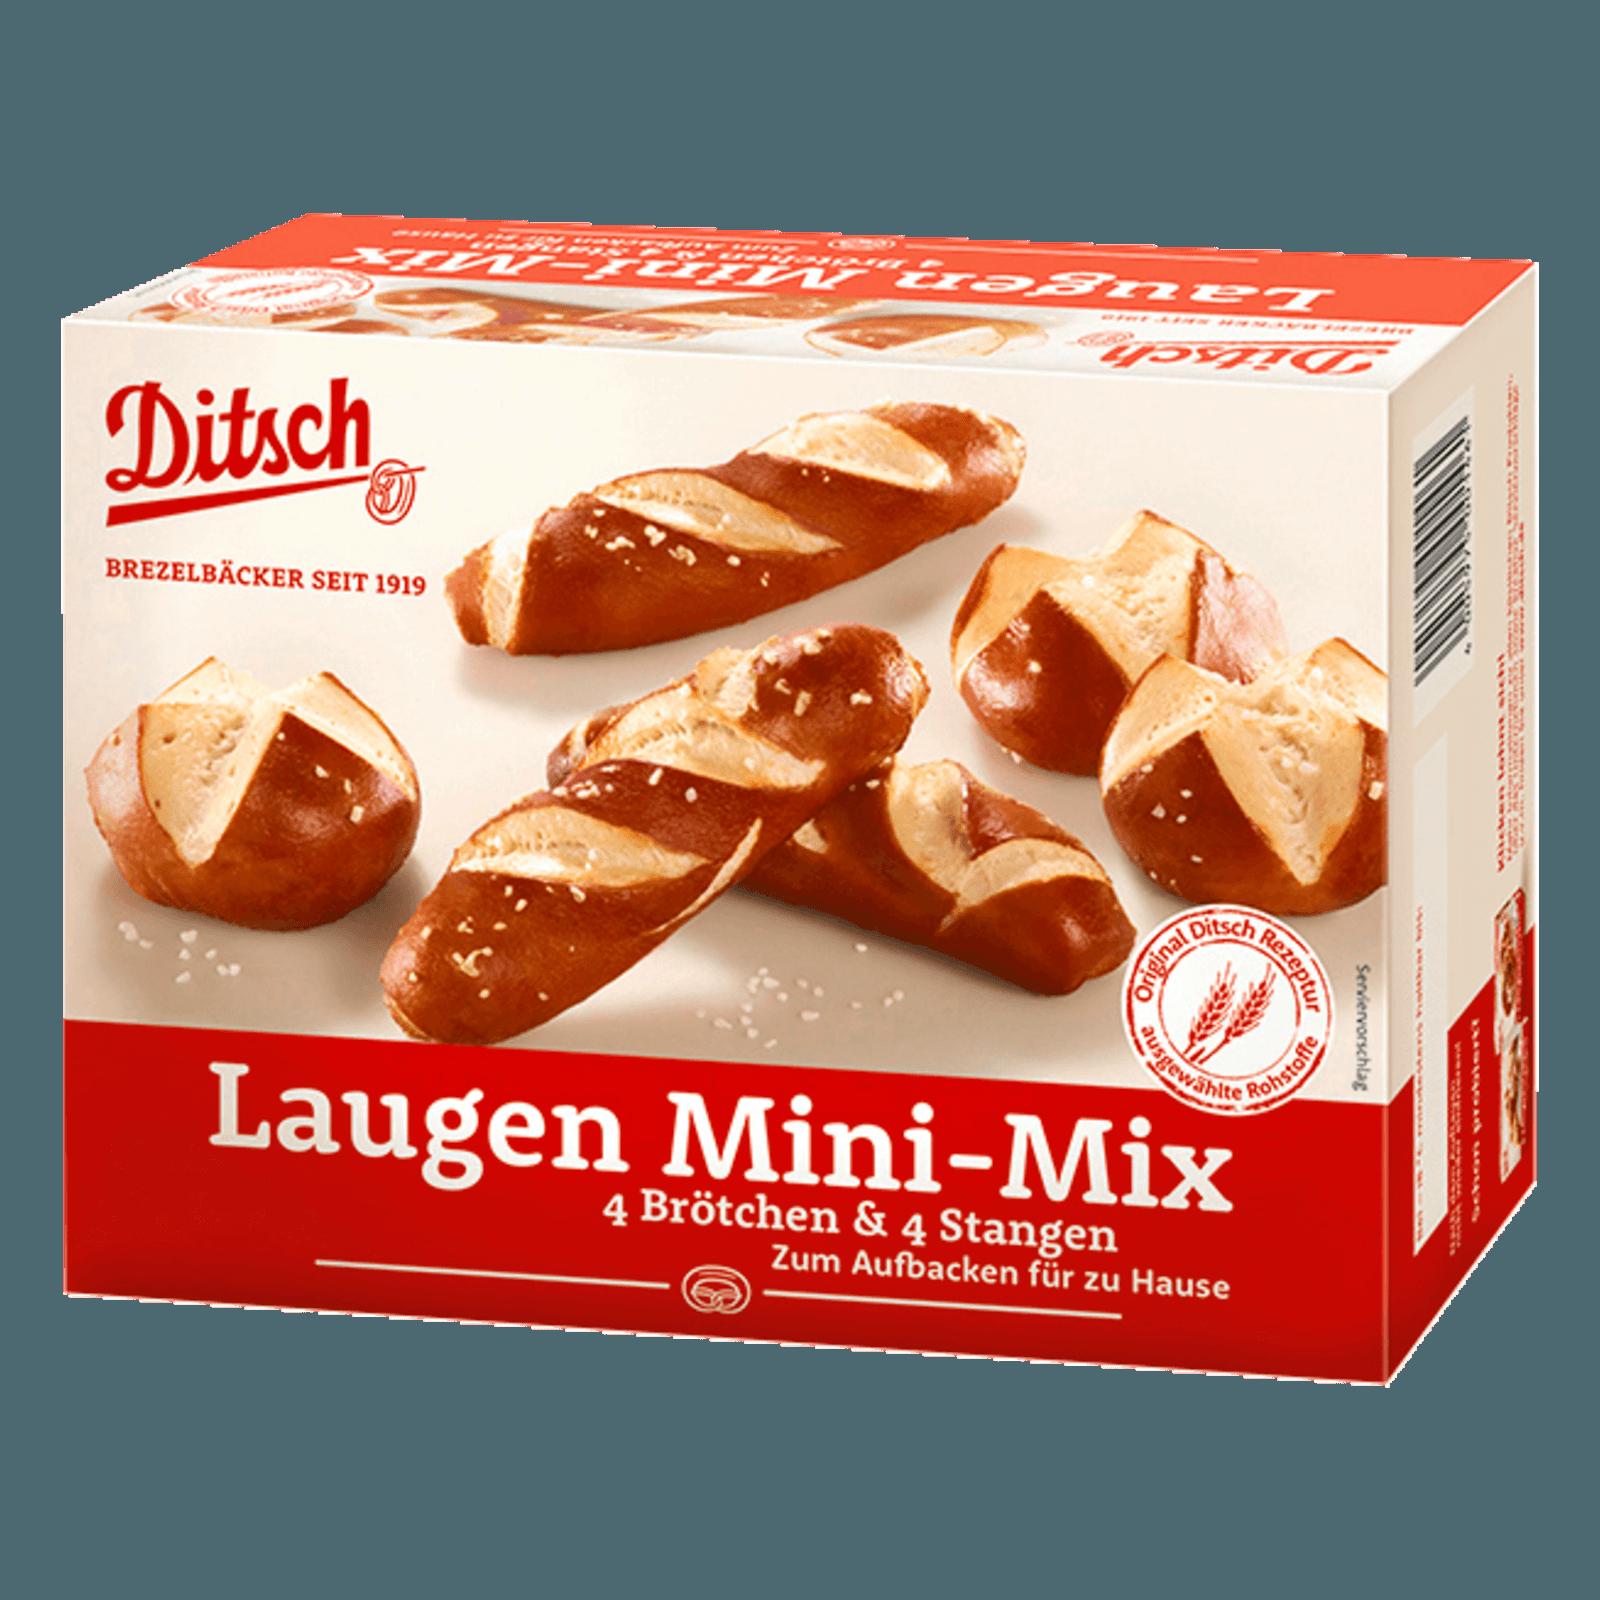 Ditsch Laugen-Minimix 8x50g